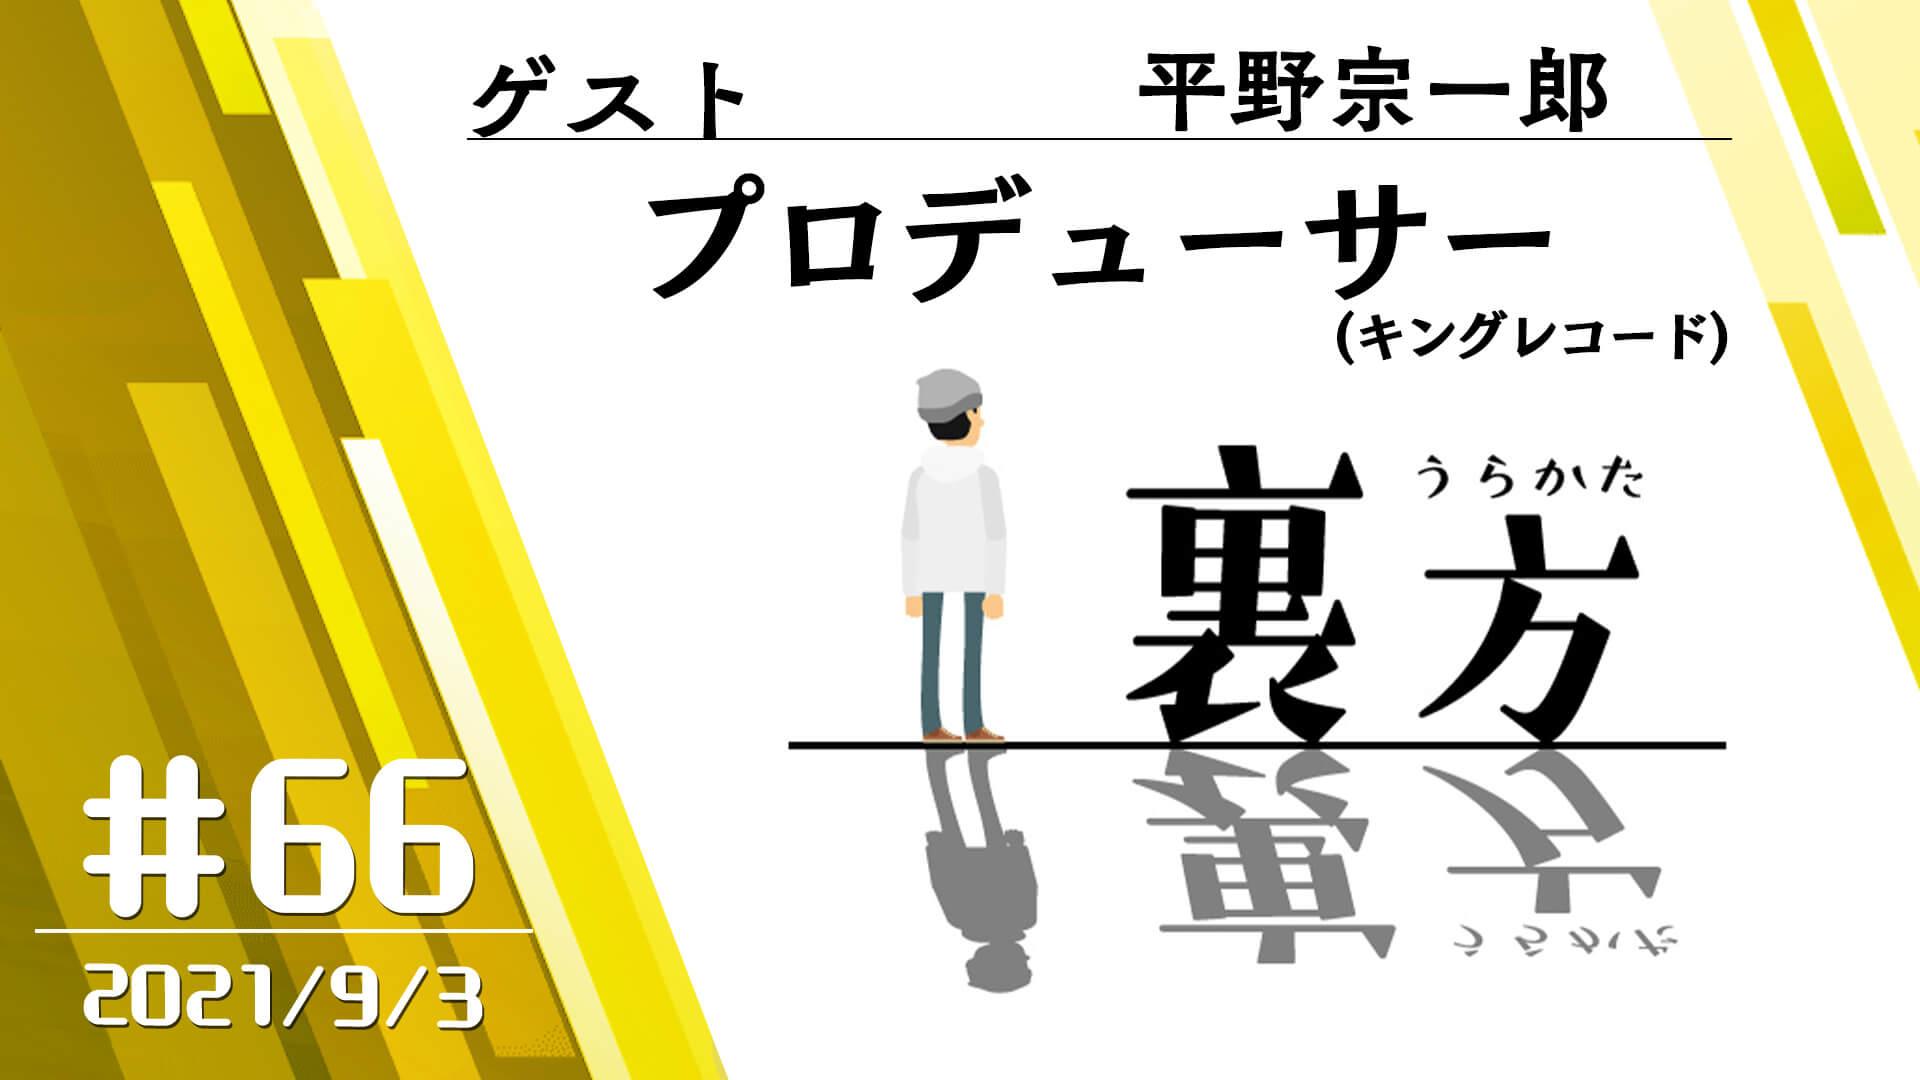 【ゲスト:プロデューサー 平野宗一郎さん】文化放送超!A&G+ 「裏方」#66 (2021年9月3日放送分)